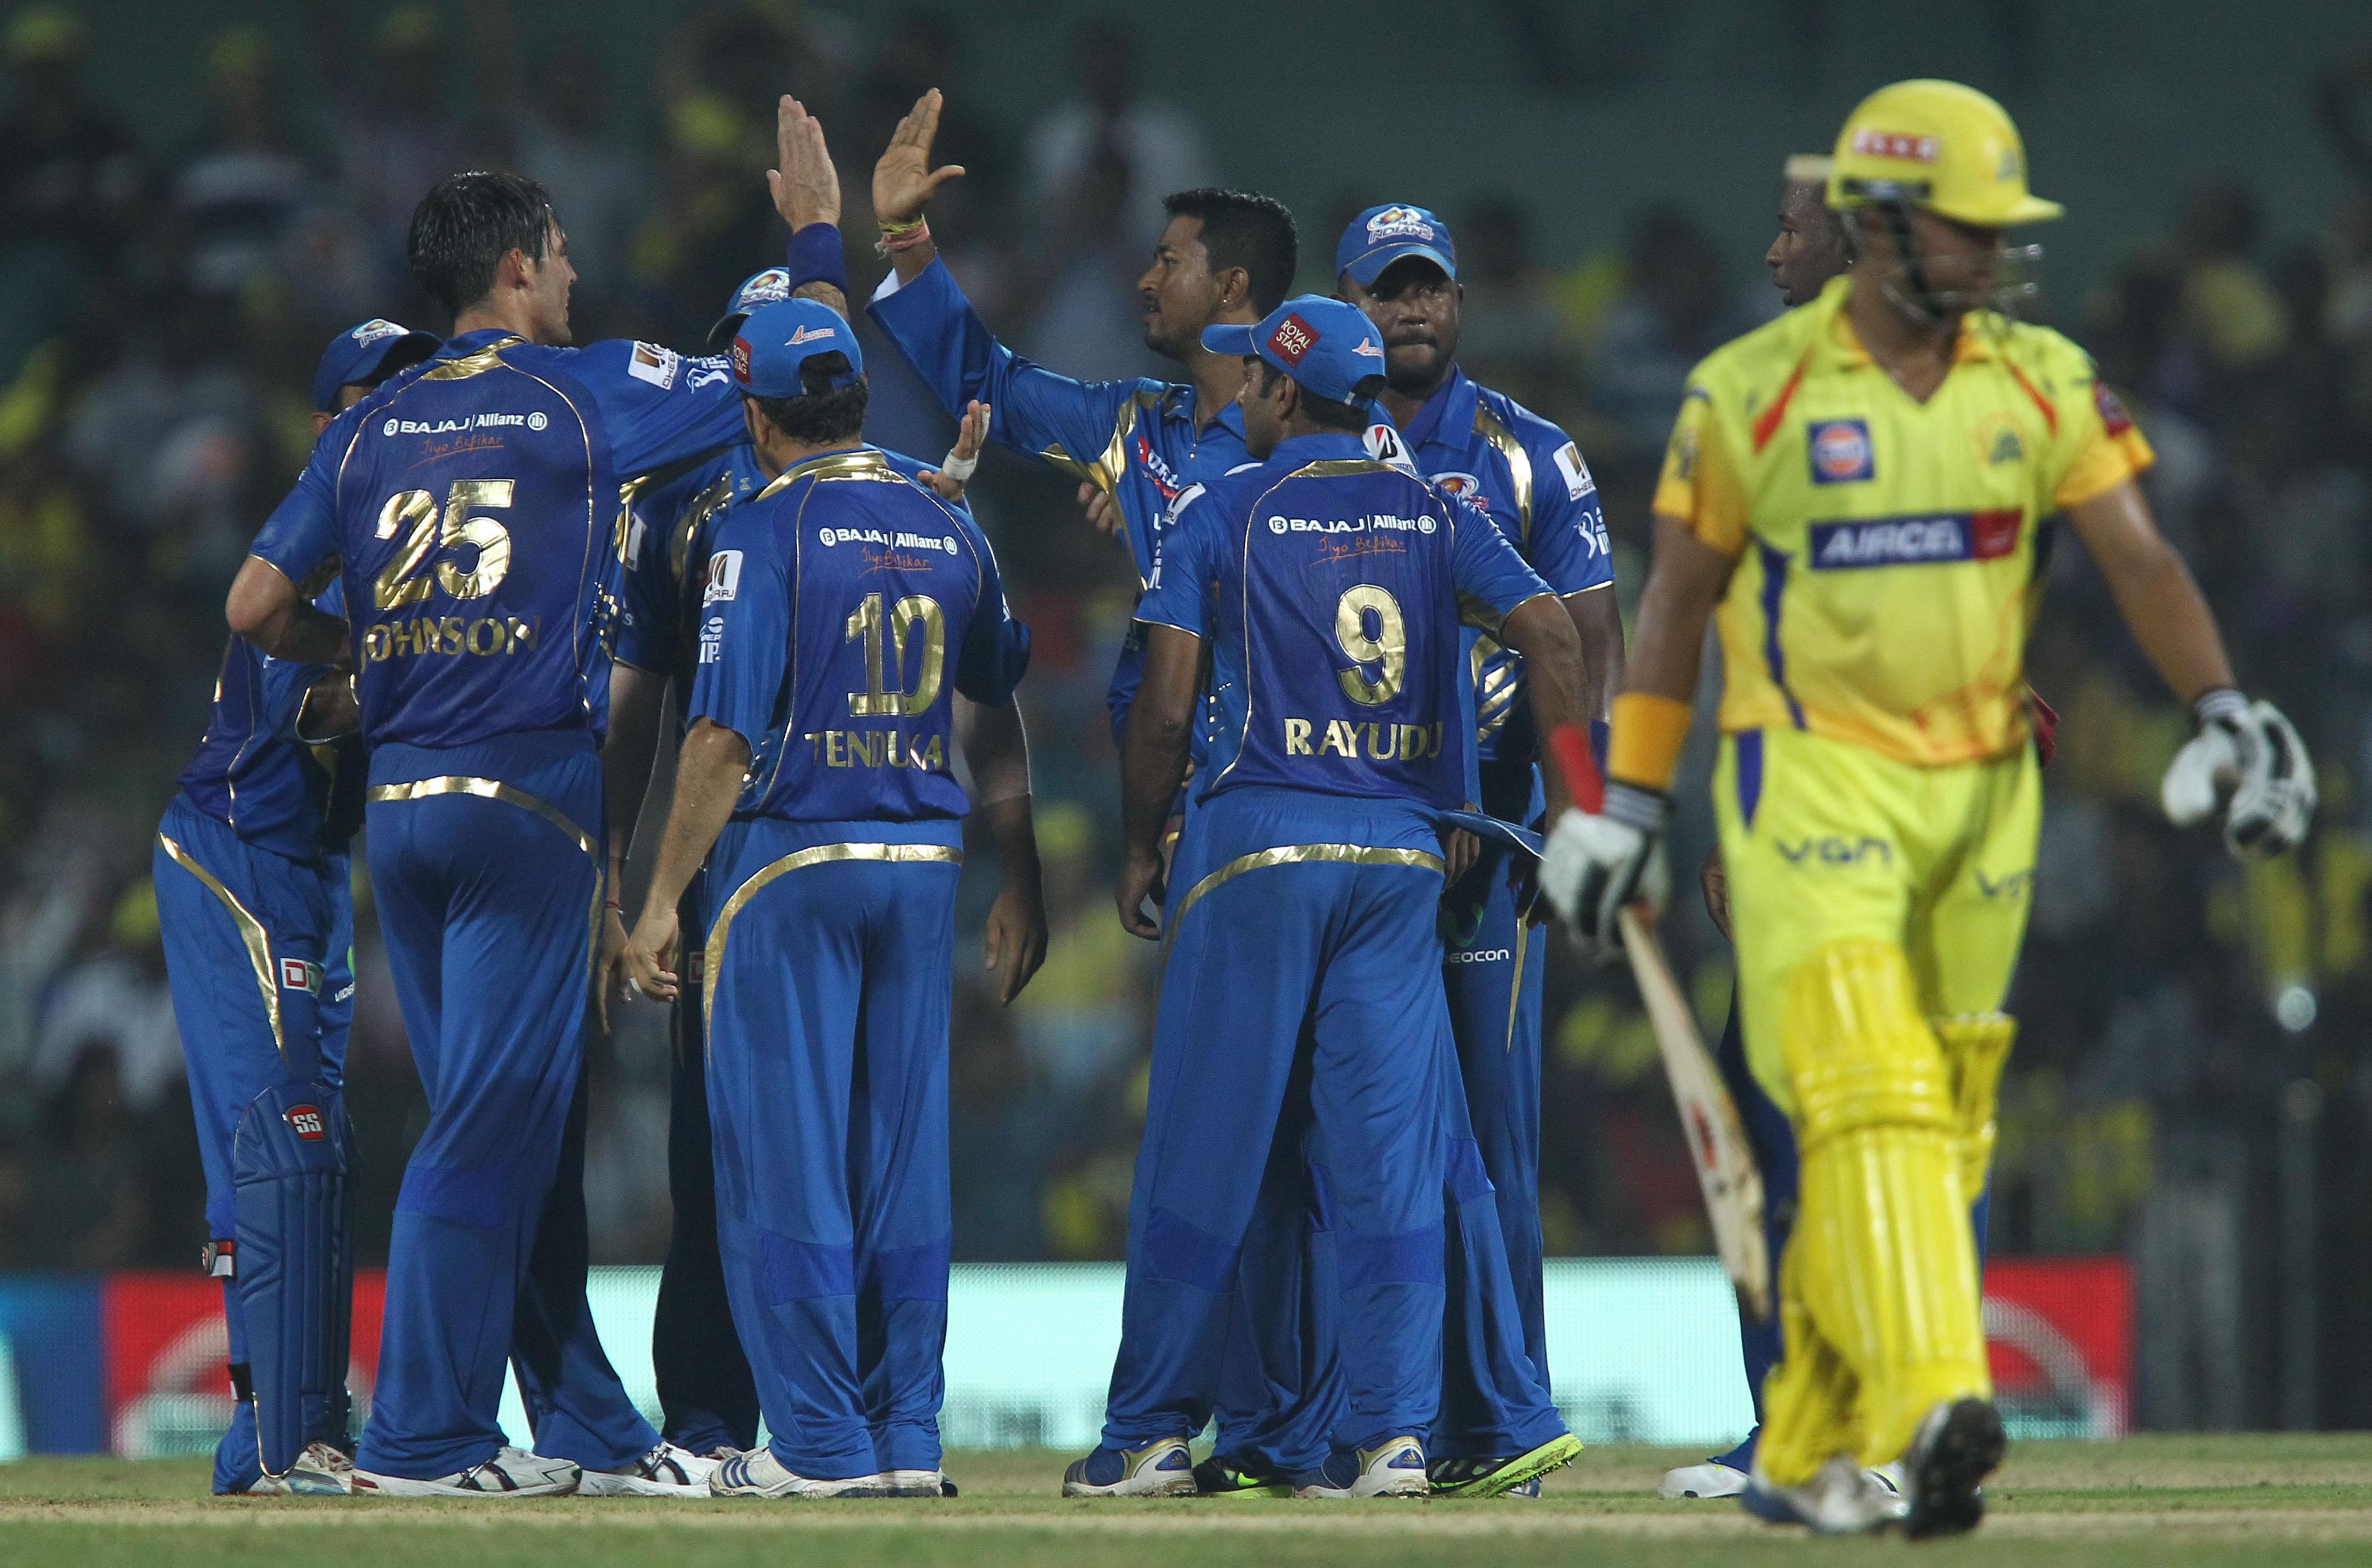 IPL 11: मुंबई और चेन्नई के बीच पहले ही मैच में एक दुसरे का रिकॉर्ड तोड़ने के लिए भिड़ेंगे रैना और रोहित